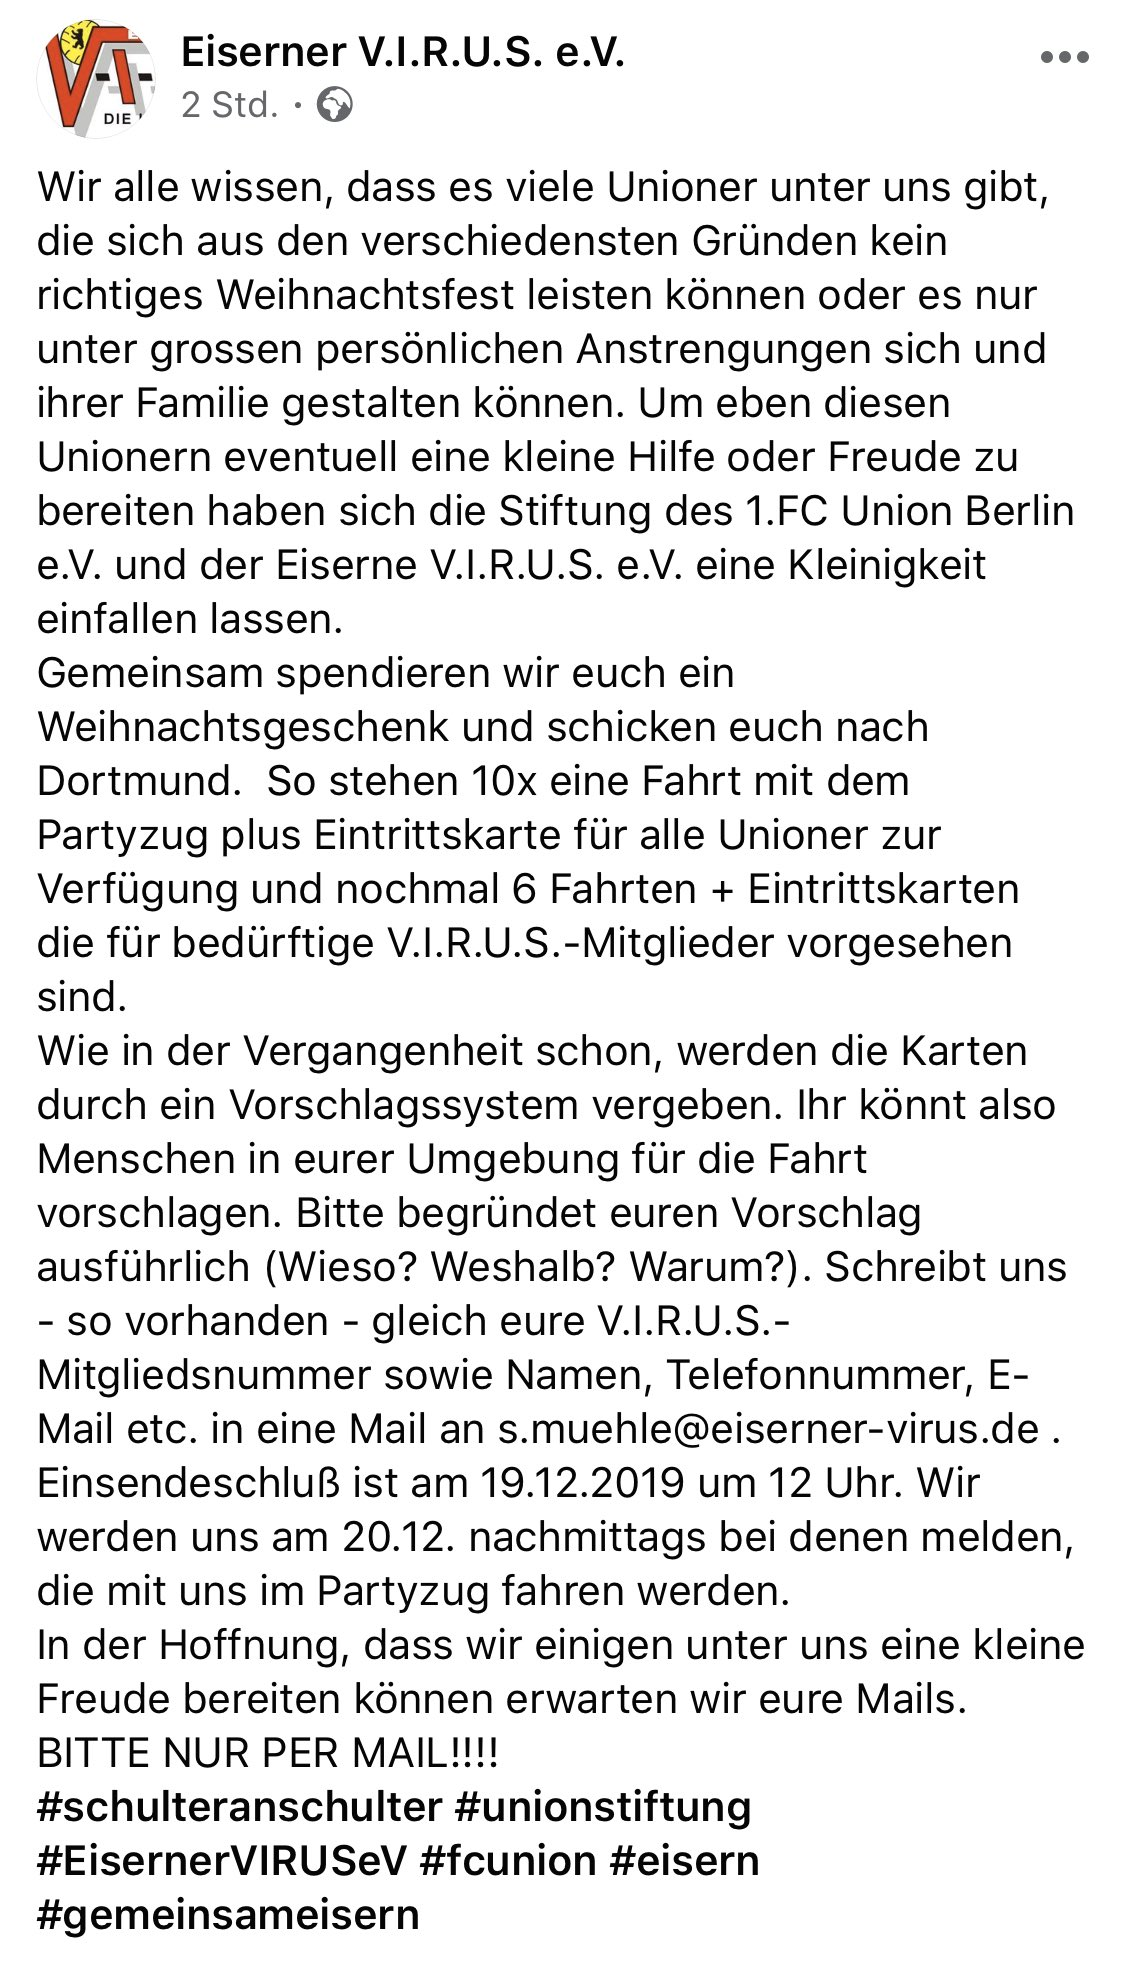 Eiserner Virus über die Aktion für bedürftige Unionerinnen und Unioner, via Facebook